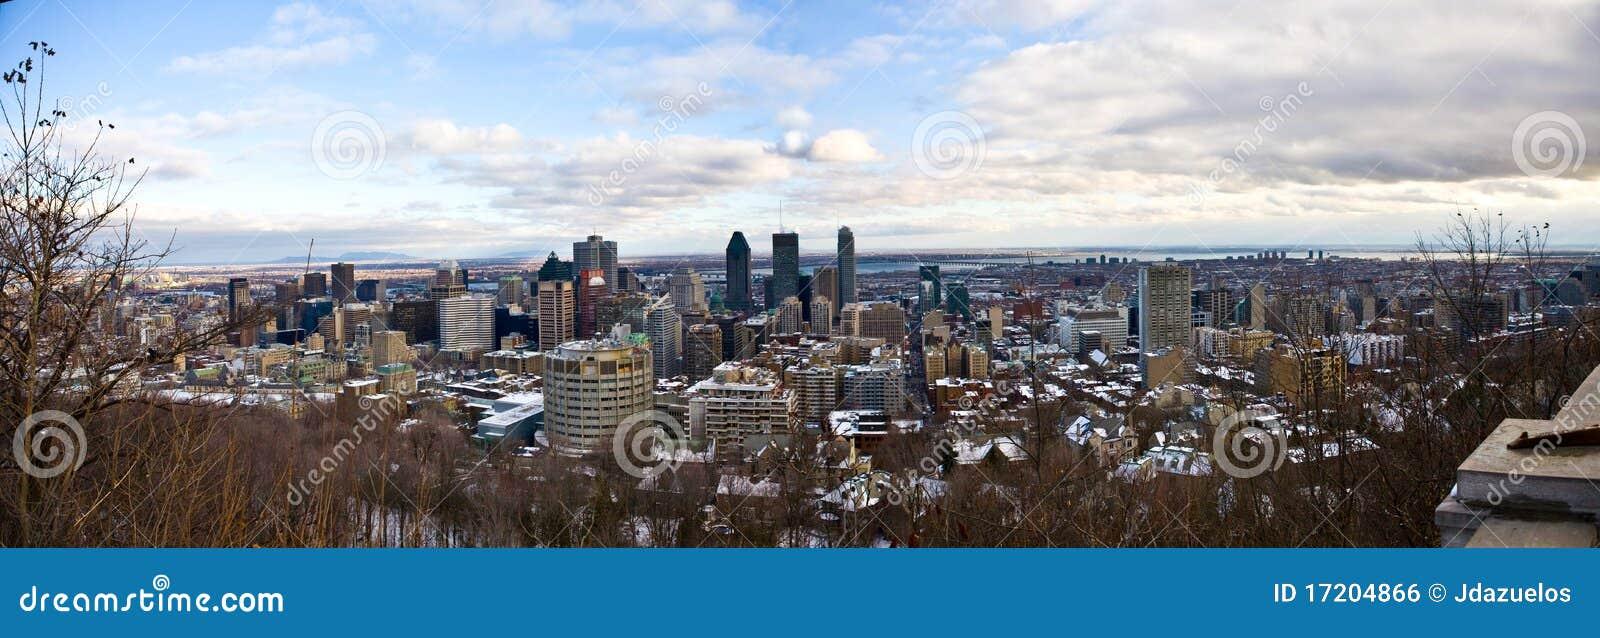 Πανοραμική όψη του στο κέντρο της πόλης Μόντρεαλ